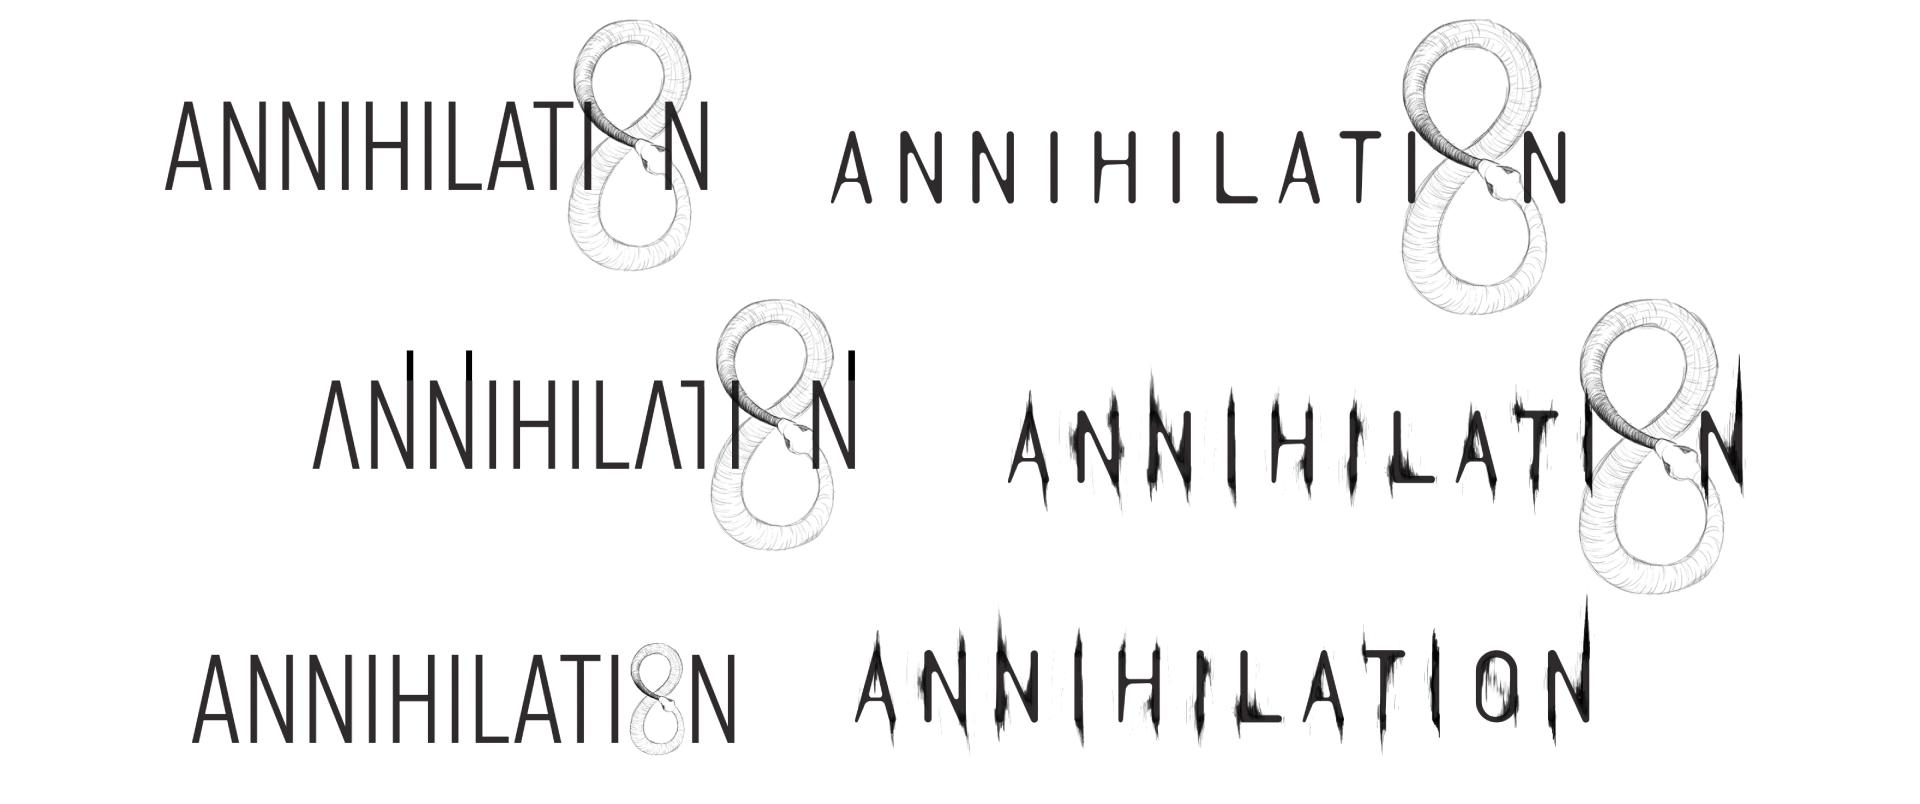 Annihilation_TypeProcess_03